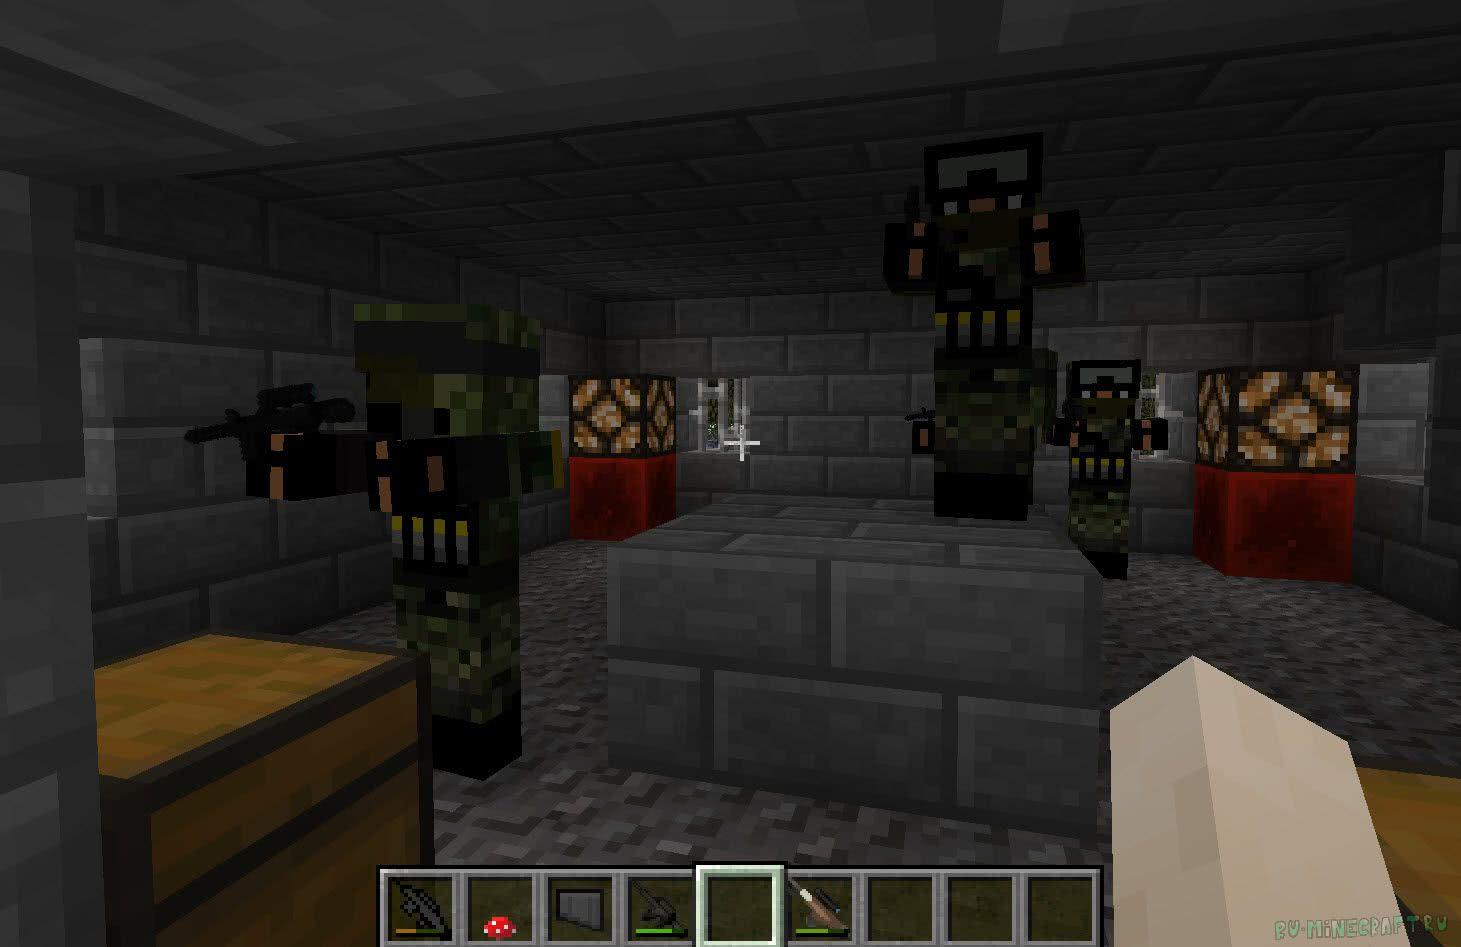 зомби играть с апокалипсис майнкрафт картой в